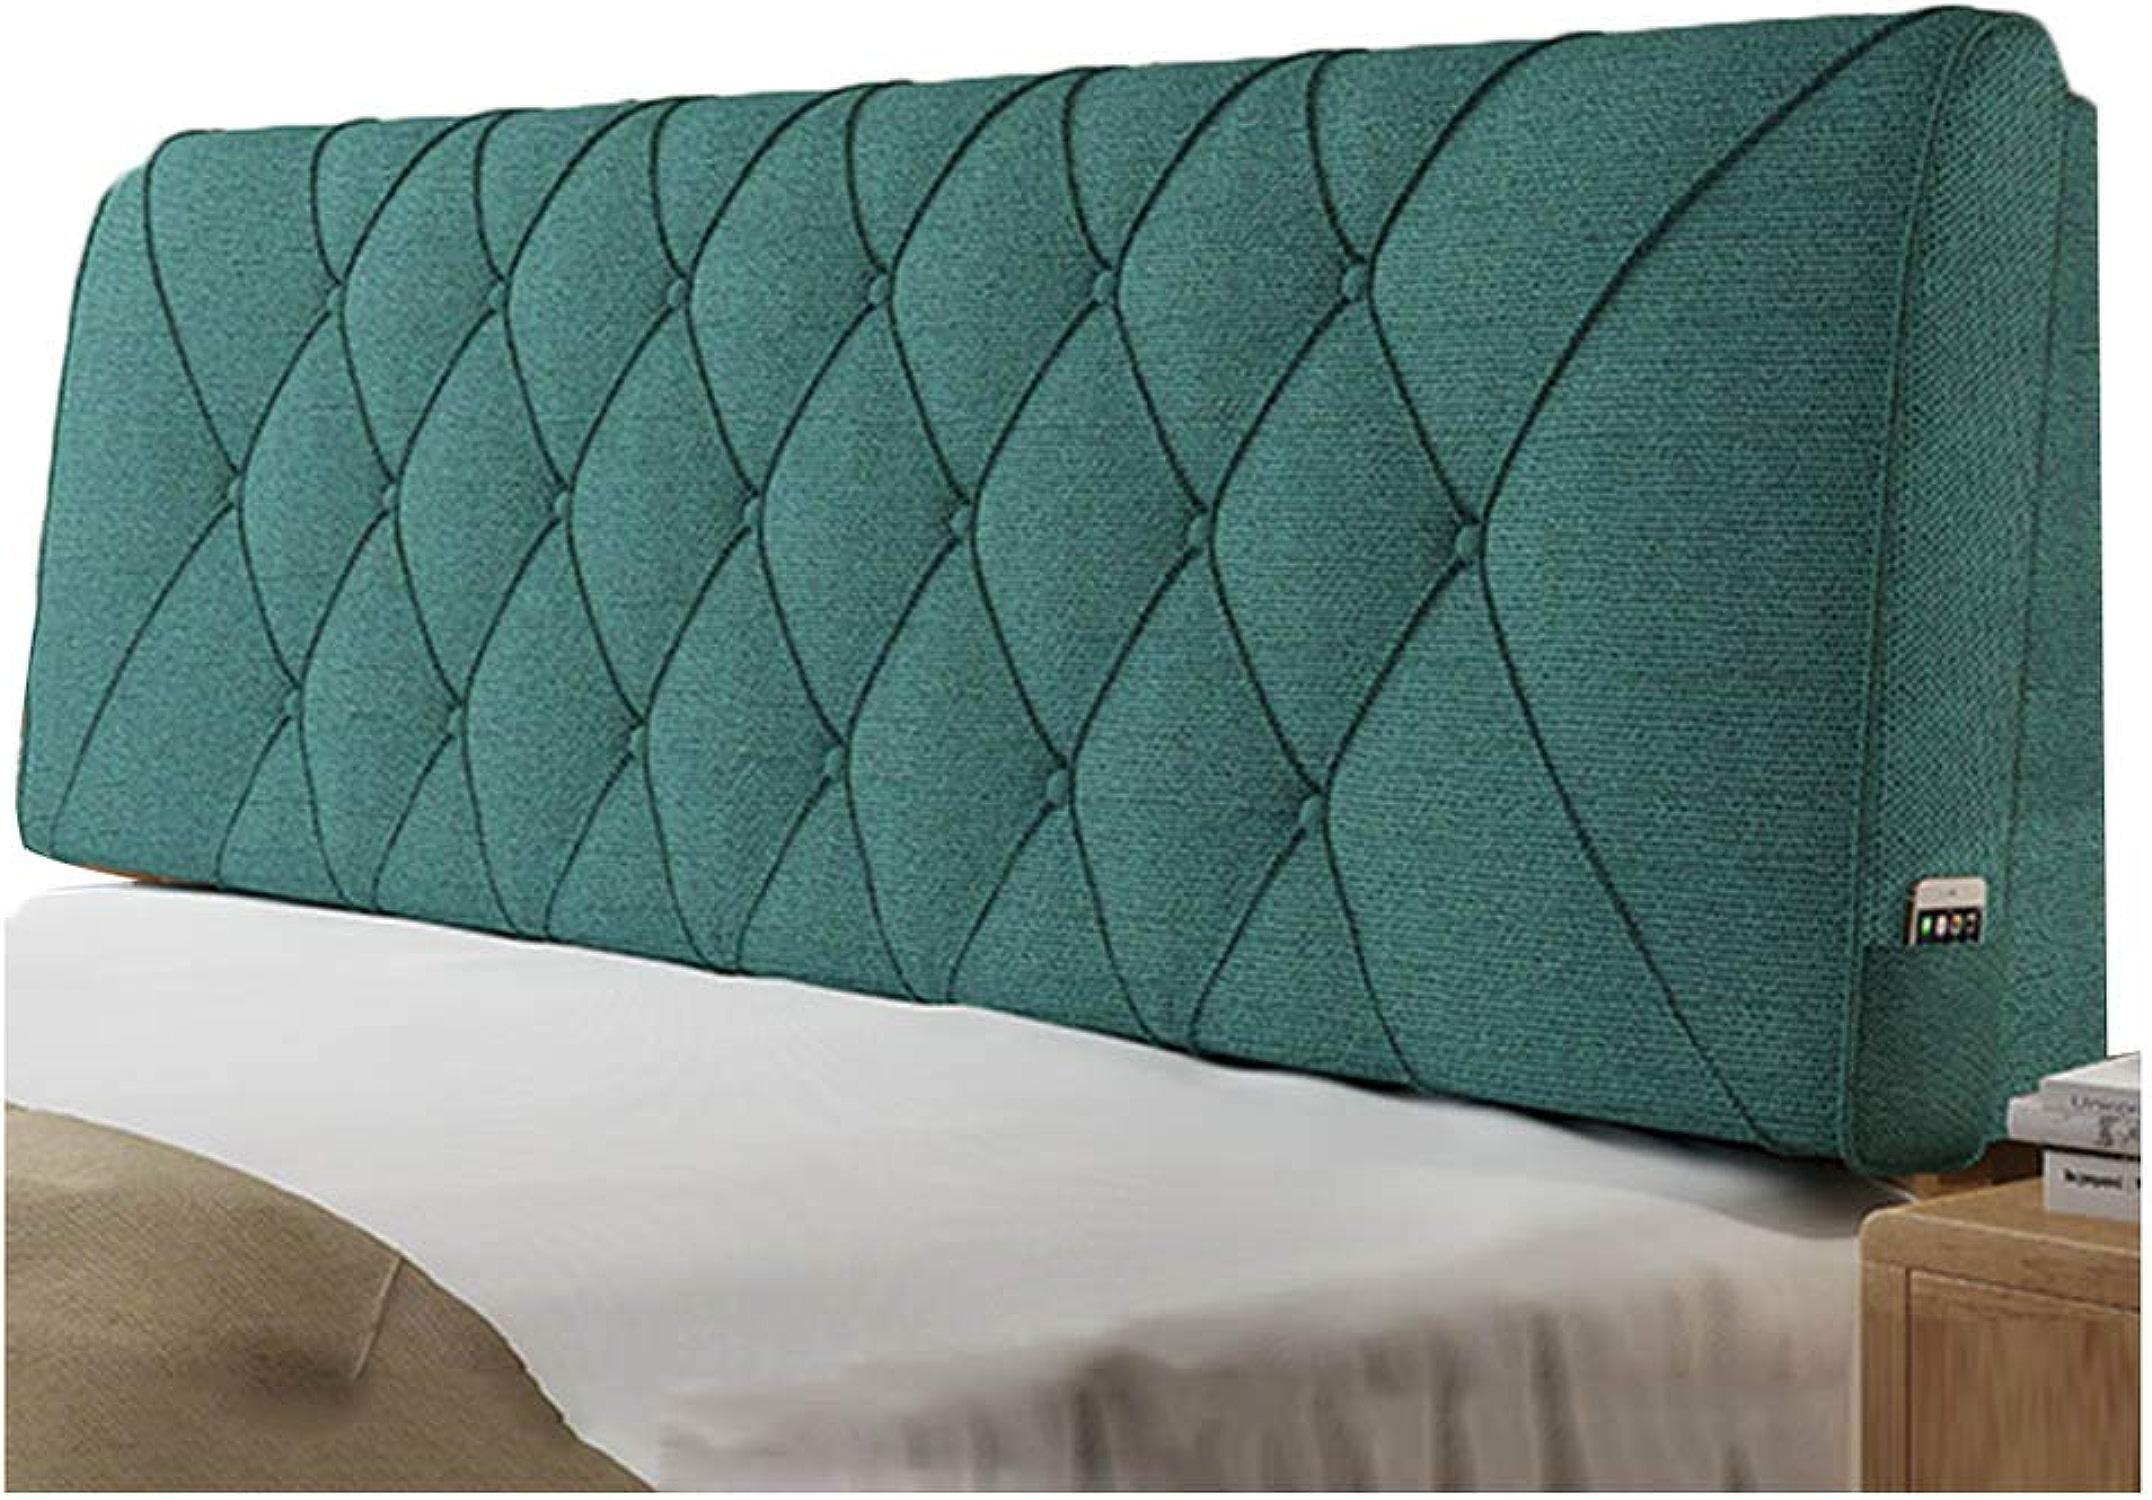 CHAXIA Coussin De Tête De Lit Dossier Oreiller Coussin Lombaire Design Ergonomique Confortable Lin, 5 Couleurs 5 Tailles (Couleur   B, Taille   150x10x58cm)